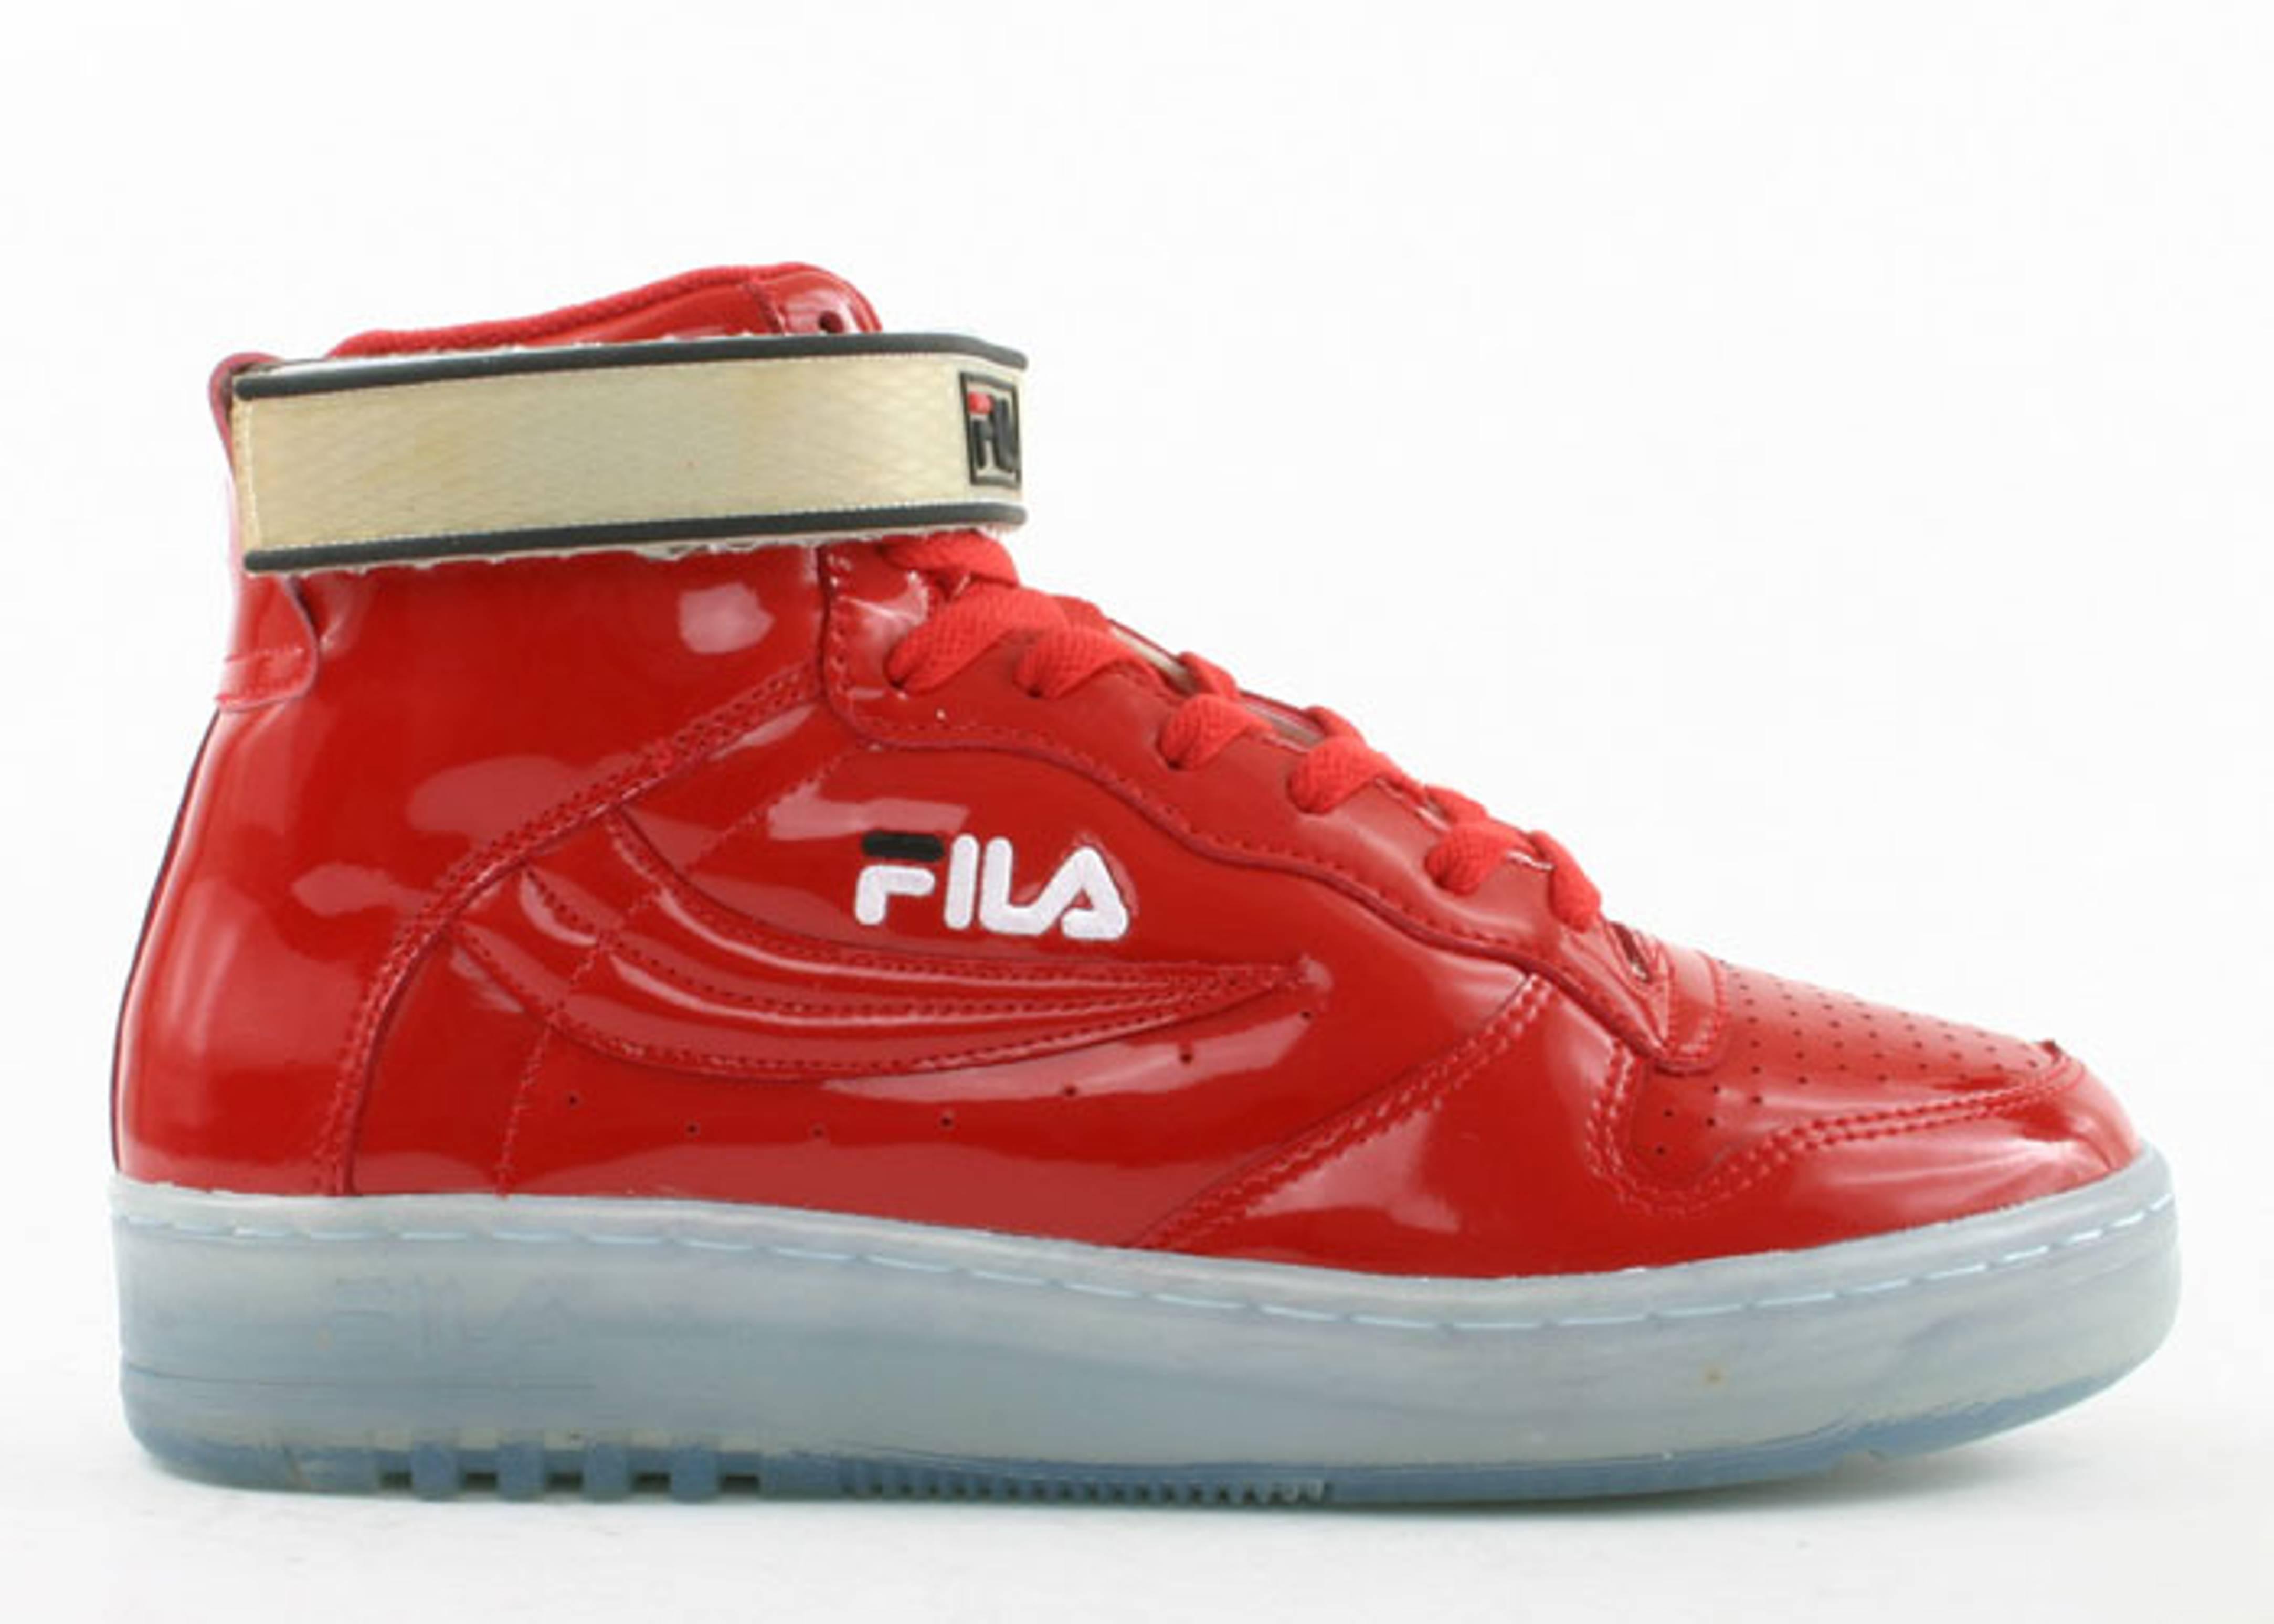 fbdc0a113fbd Fx-100 Hi Clear - Fila - 7bjnu1759 - red patent